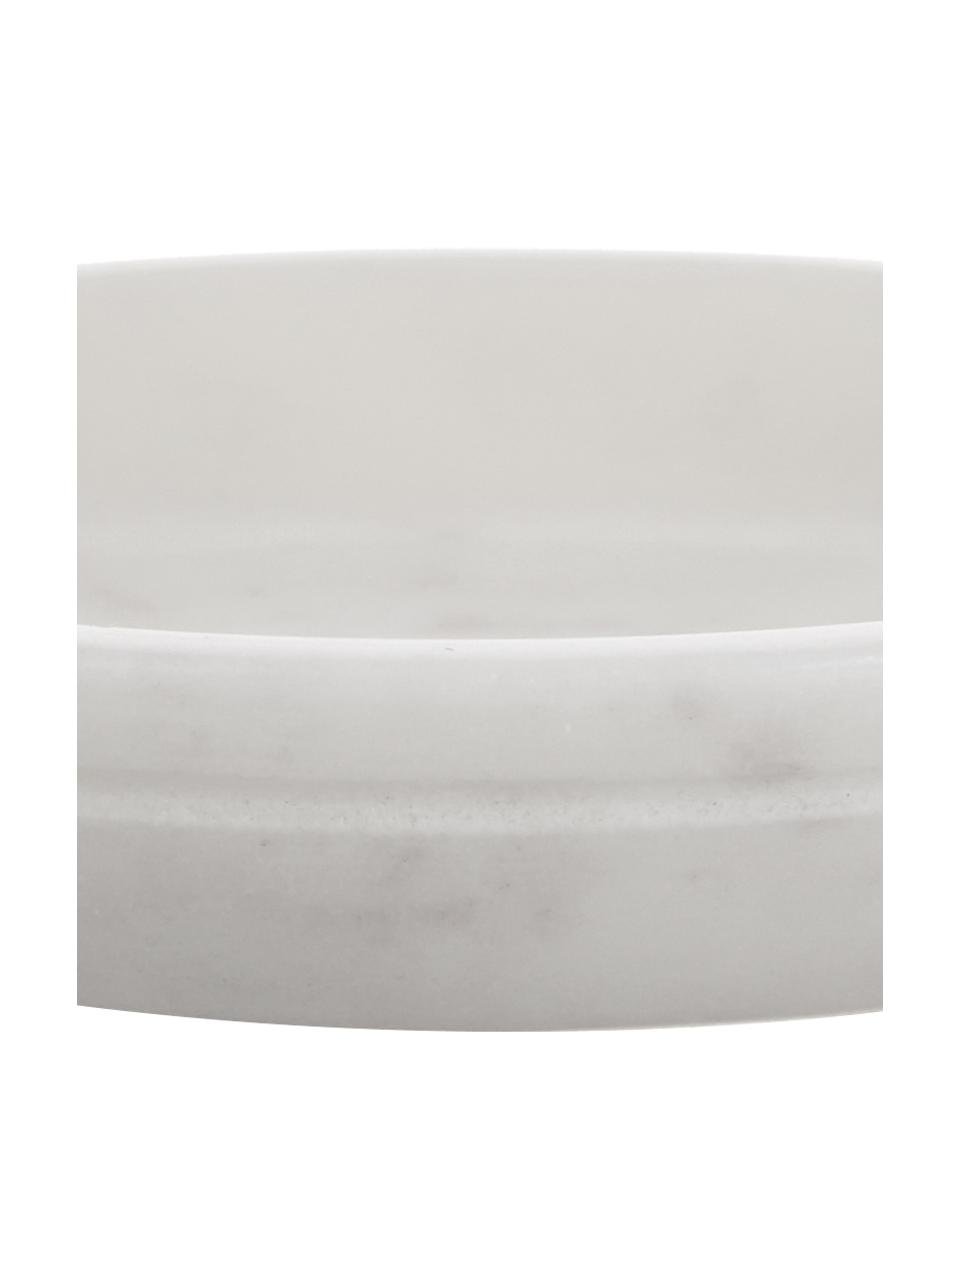 Marmor-Seifenschale Lorka, Marmor, Weiß, Ø 10 x H 2 cm